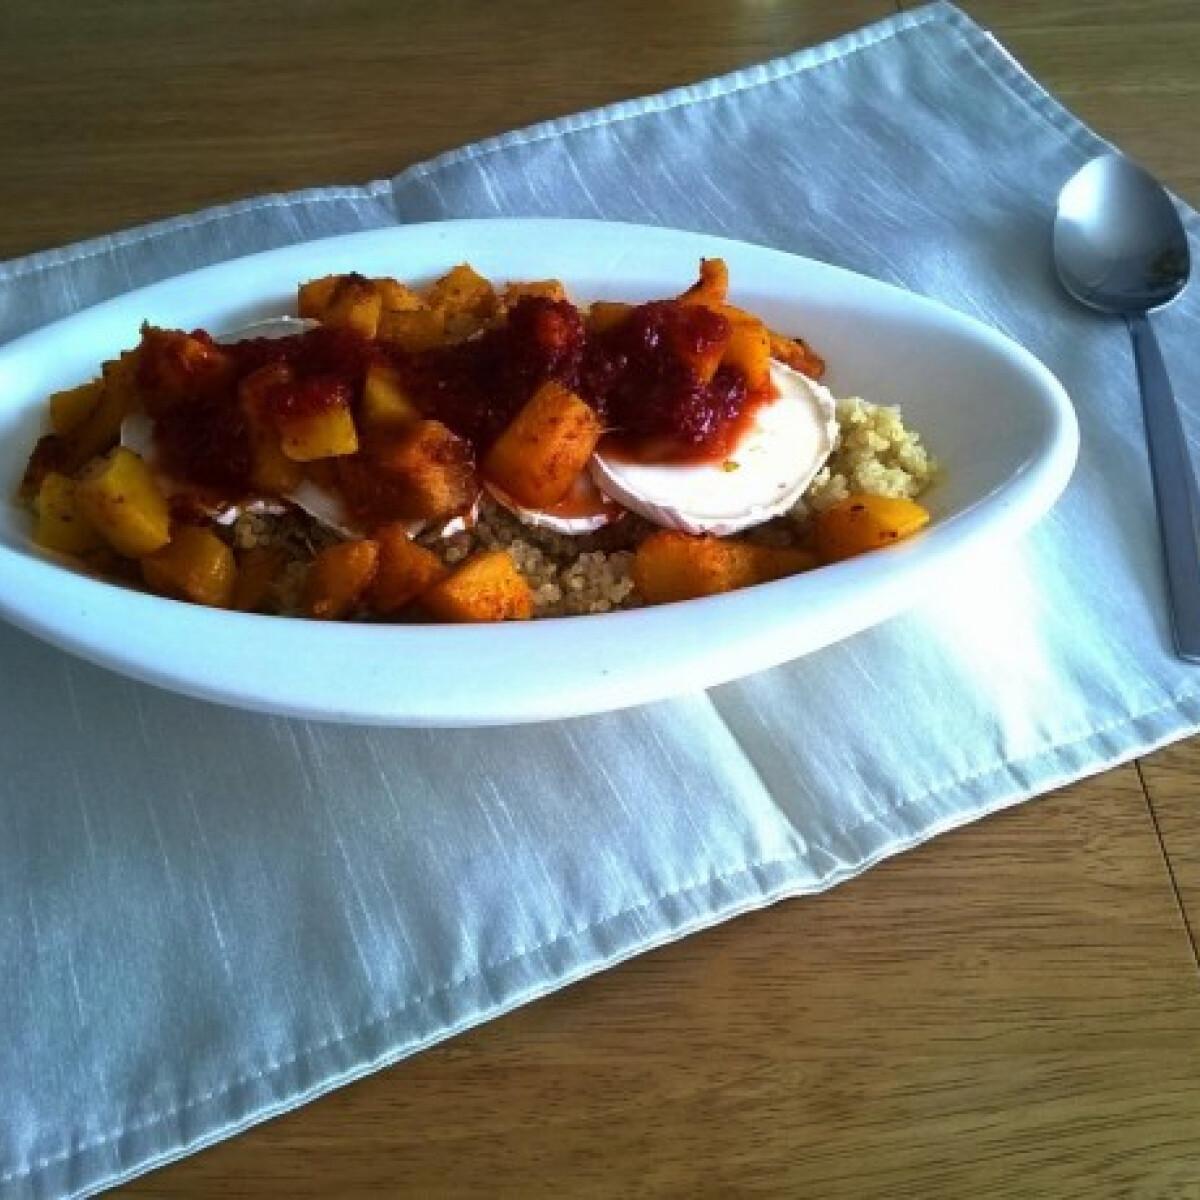 Ezen a képen: Quinoa kecskesajttal és csiliszósszal